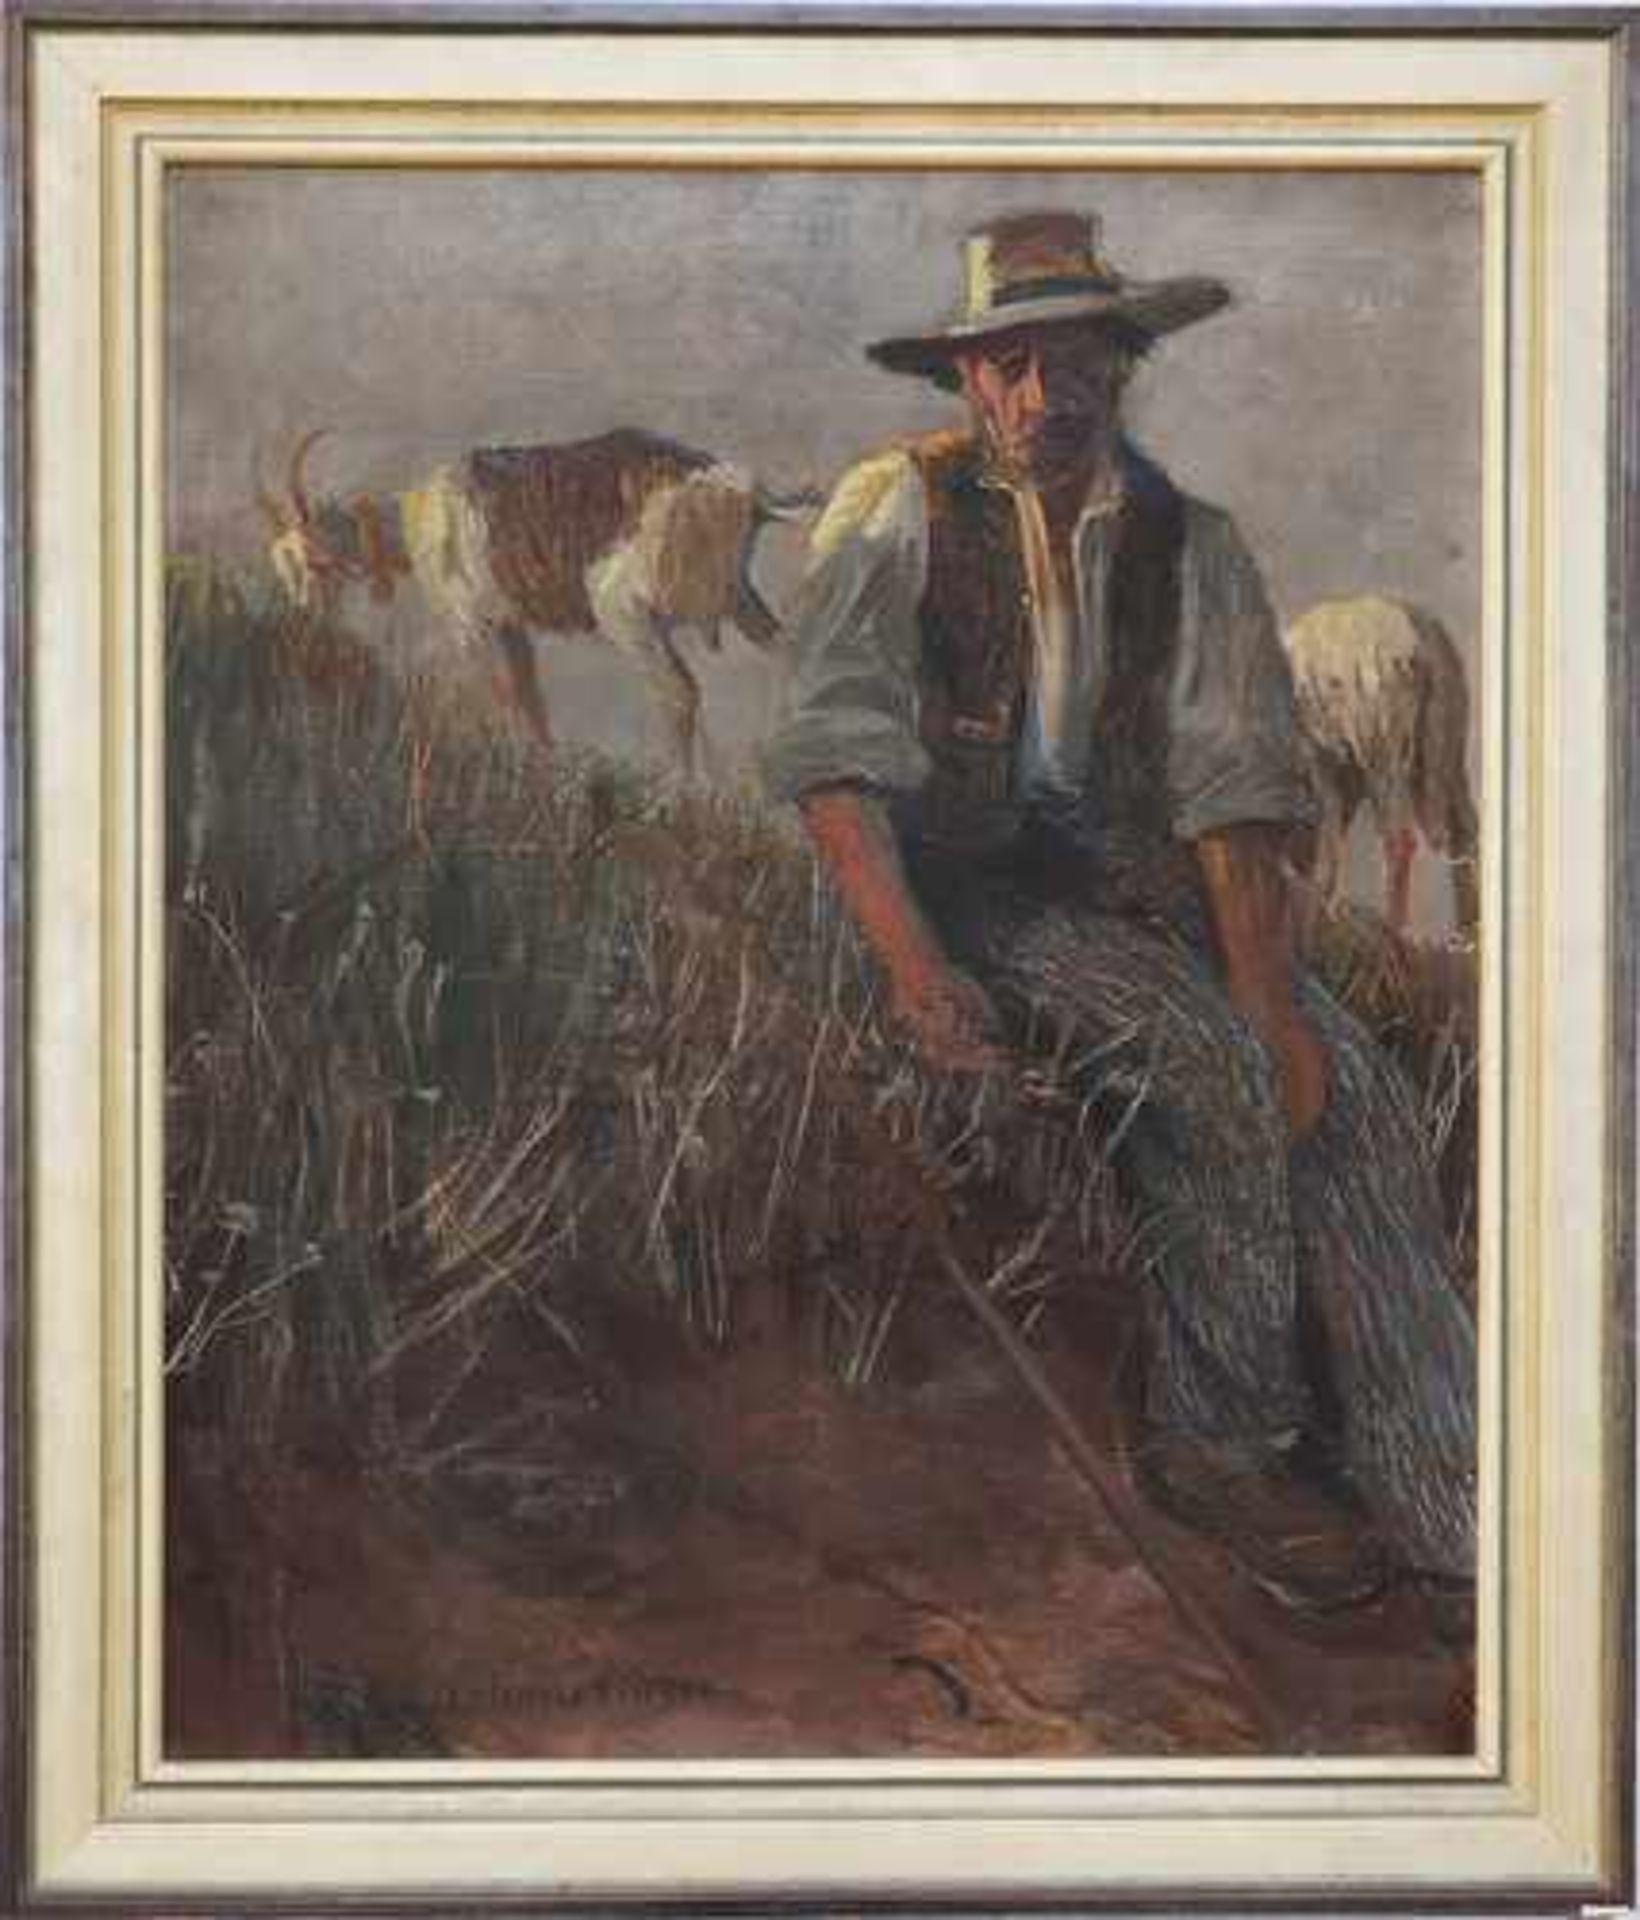 """Zygmunt Sixtus Dzbański (1874-1942) """"Pasterz"""", źródło: Auktionshaus Franke"""